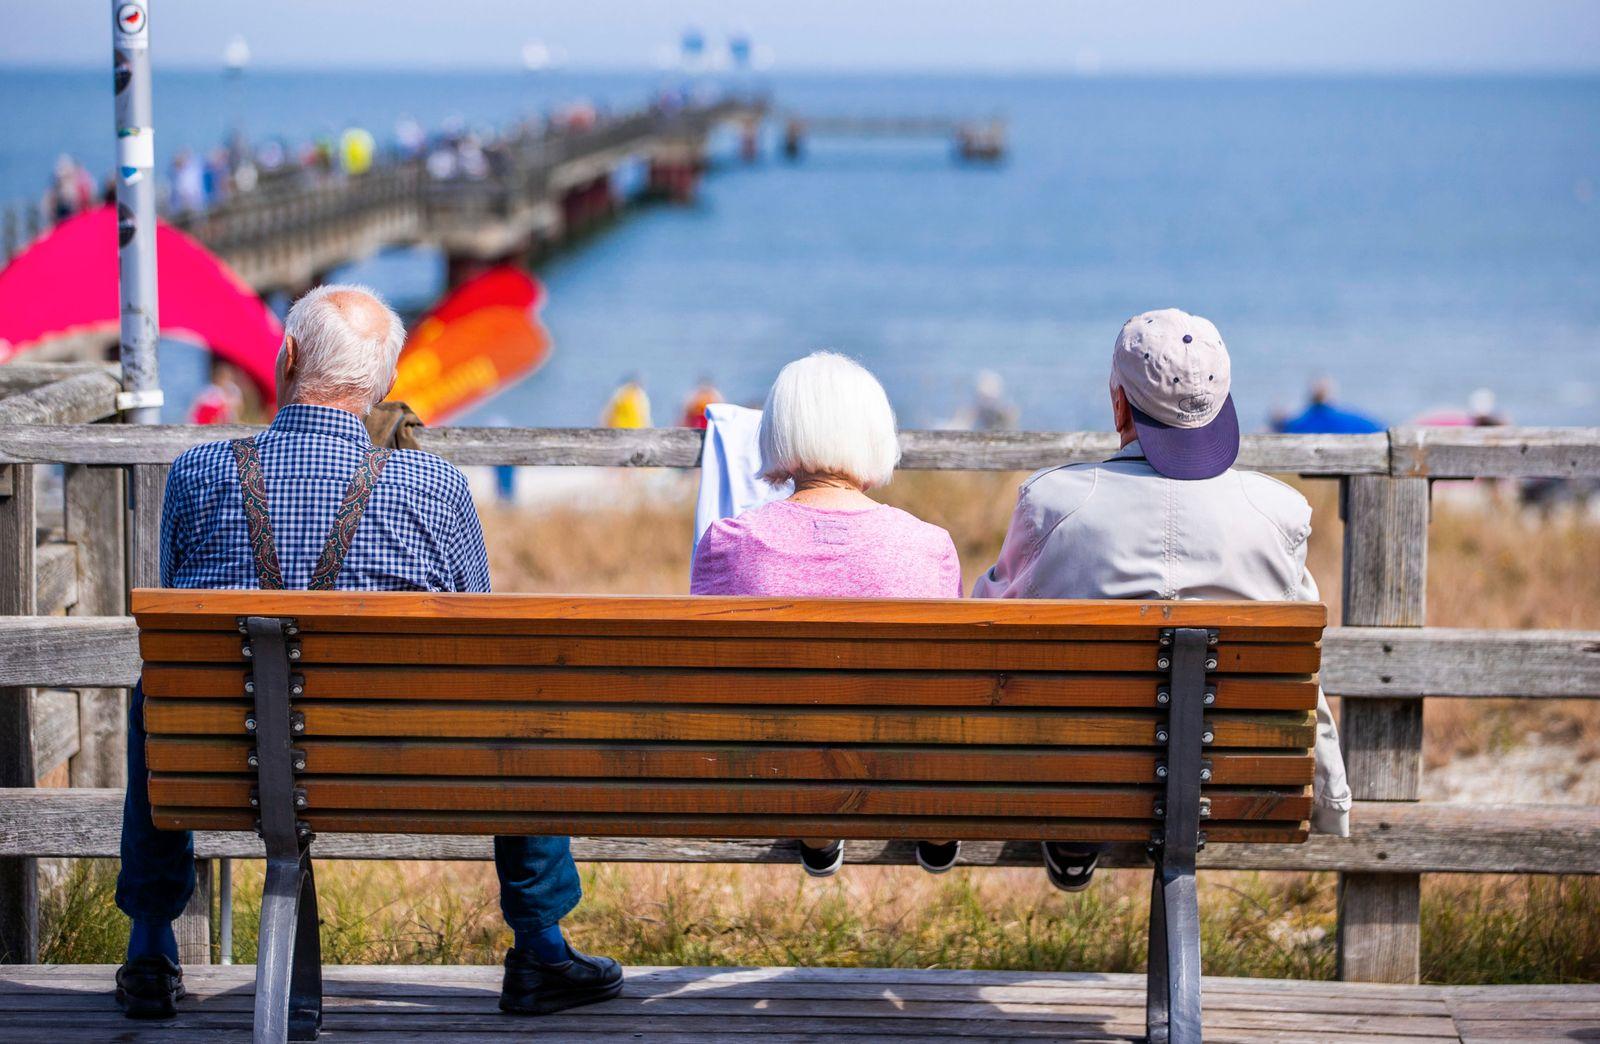 Altere Menschen im Urlaub